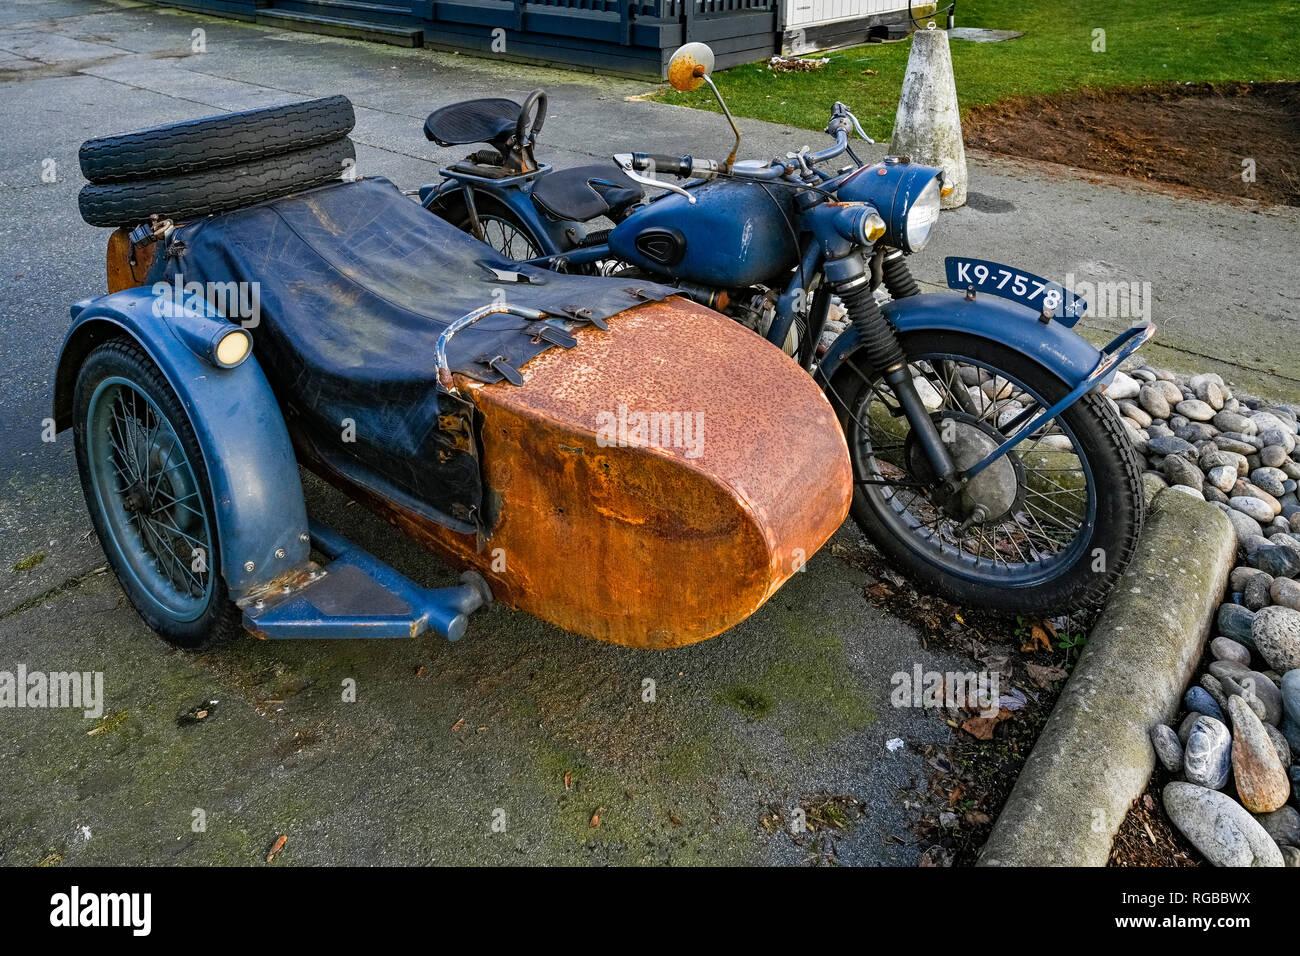 Kawasaki Motorcycle Stock Photos & Kawasaki Motorcycle Stock